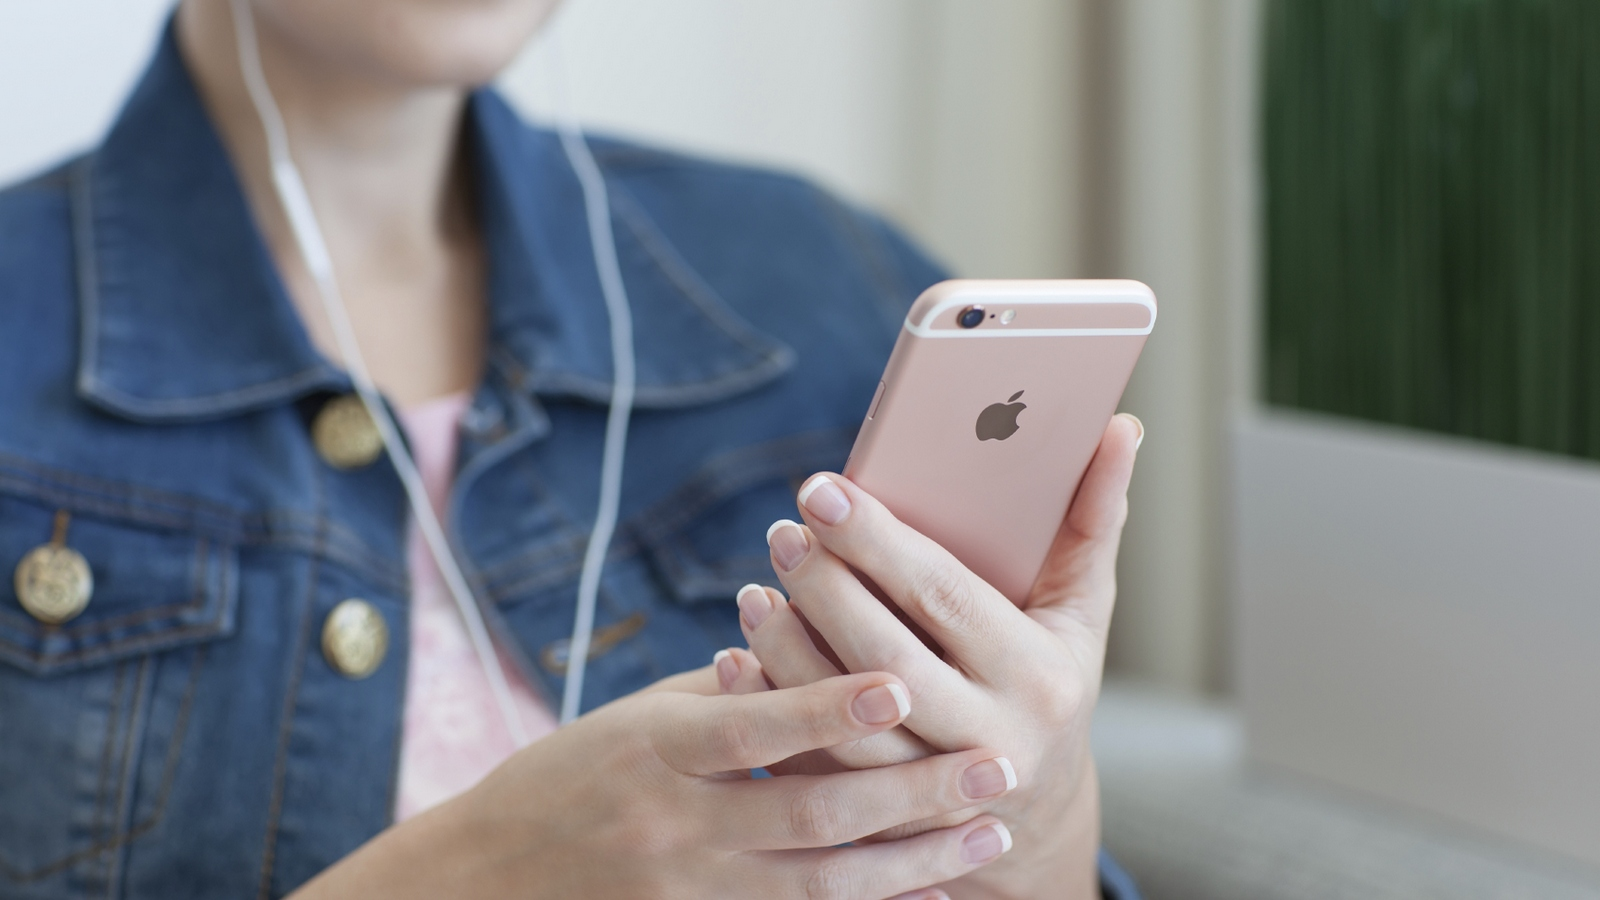 Более половины пользователей готовы приобрести новый iPhone